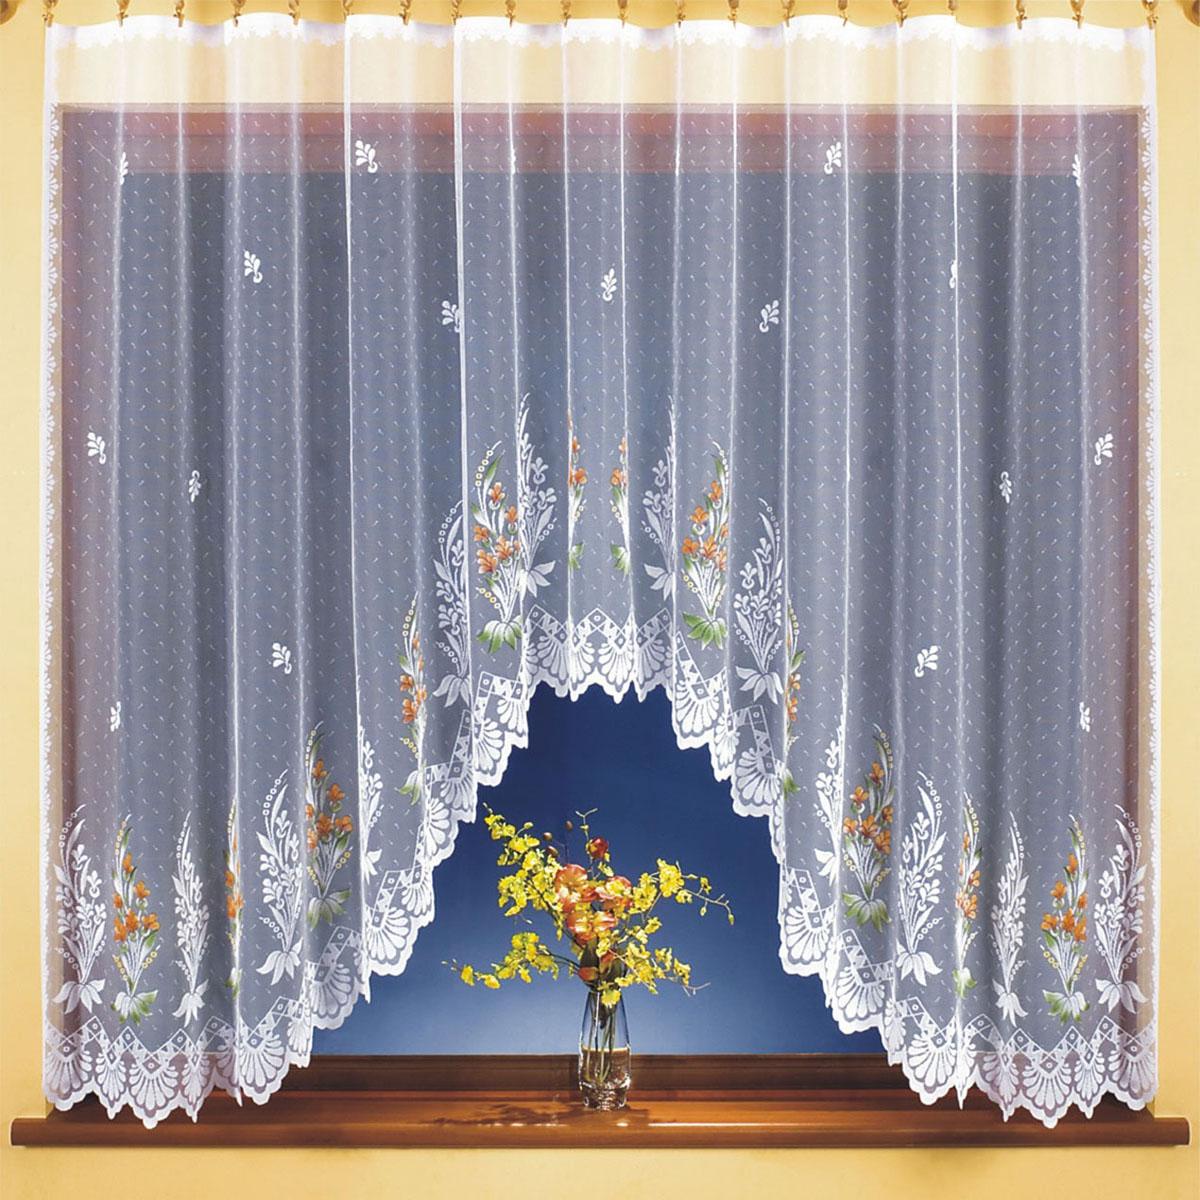 Гардина Wisan, цвет: белый, ширина 300 см, высота 150 см. 9812S03301004вид крепления - под зажимы для шторРазмеры: ширина 300*высота 150